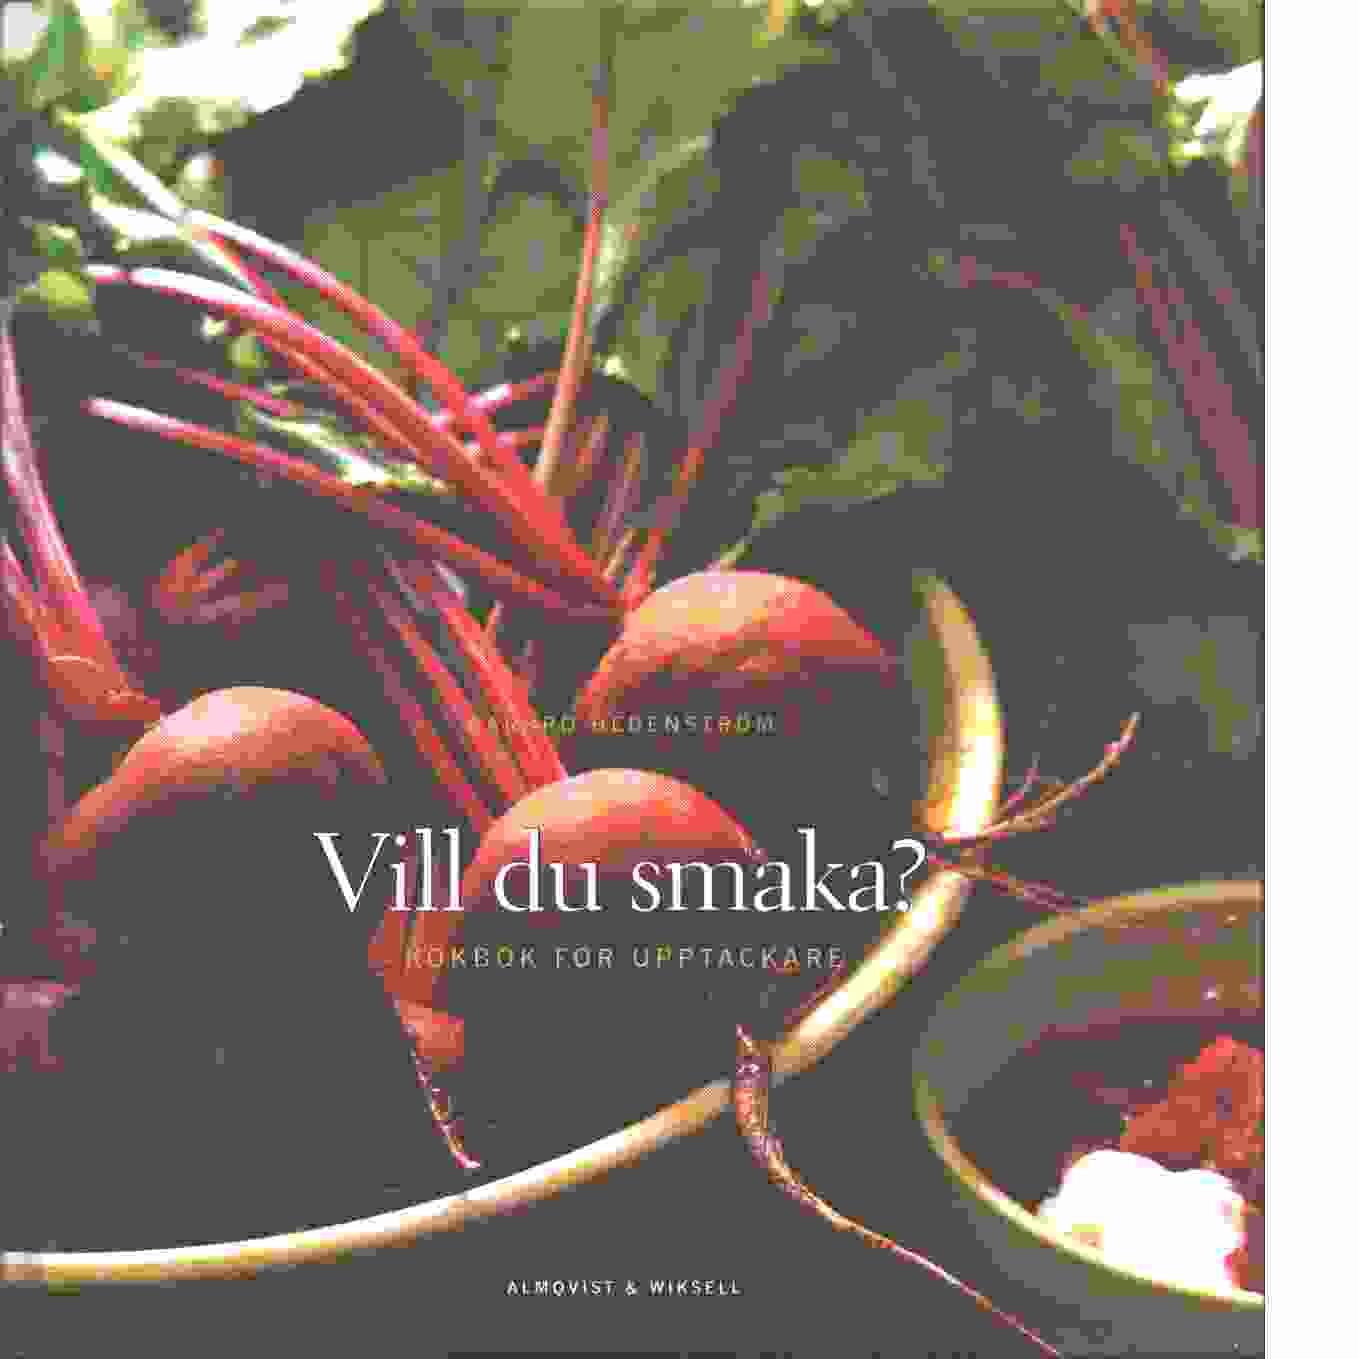 Vill du smaka? : kokbok för upptäckare - Hedenström, Barbro